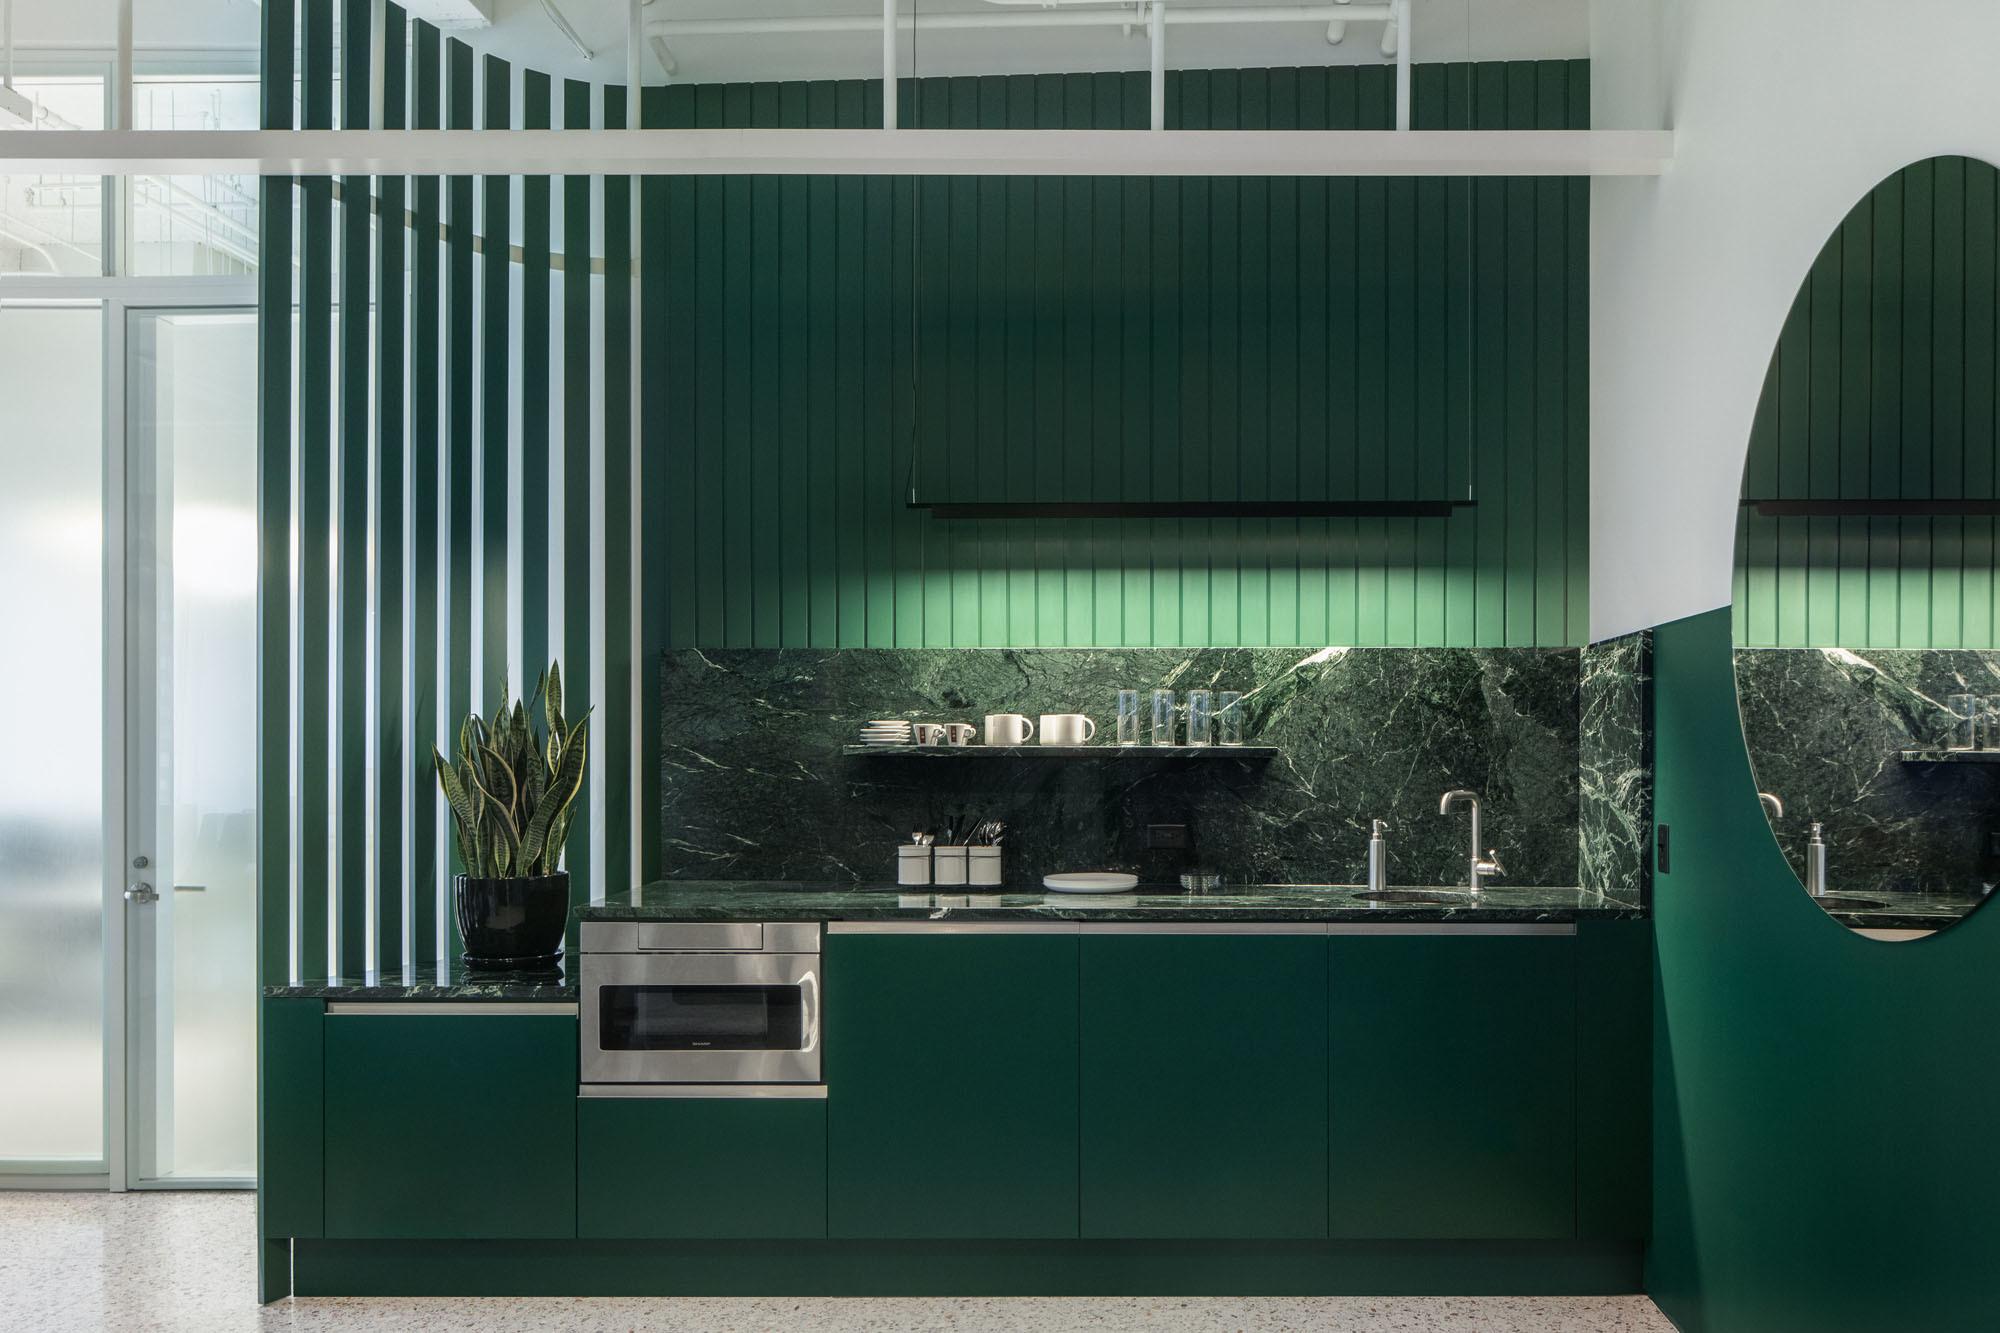 Die Wände sind ebenso in grüner Farbe gehalten wie die Fronten und Rückwände der Küche, deren Arbeitsflächen aus grünem Marmor gearbeitet sind.Foto: James Florio